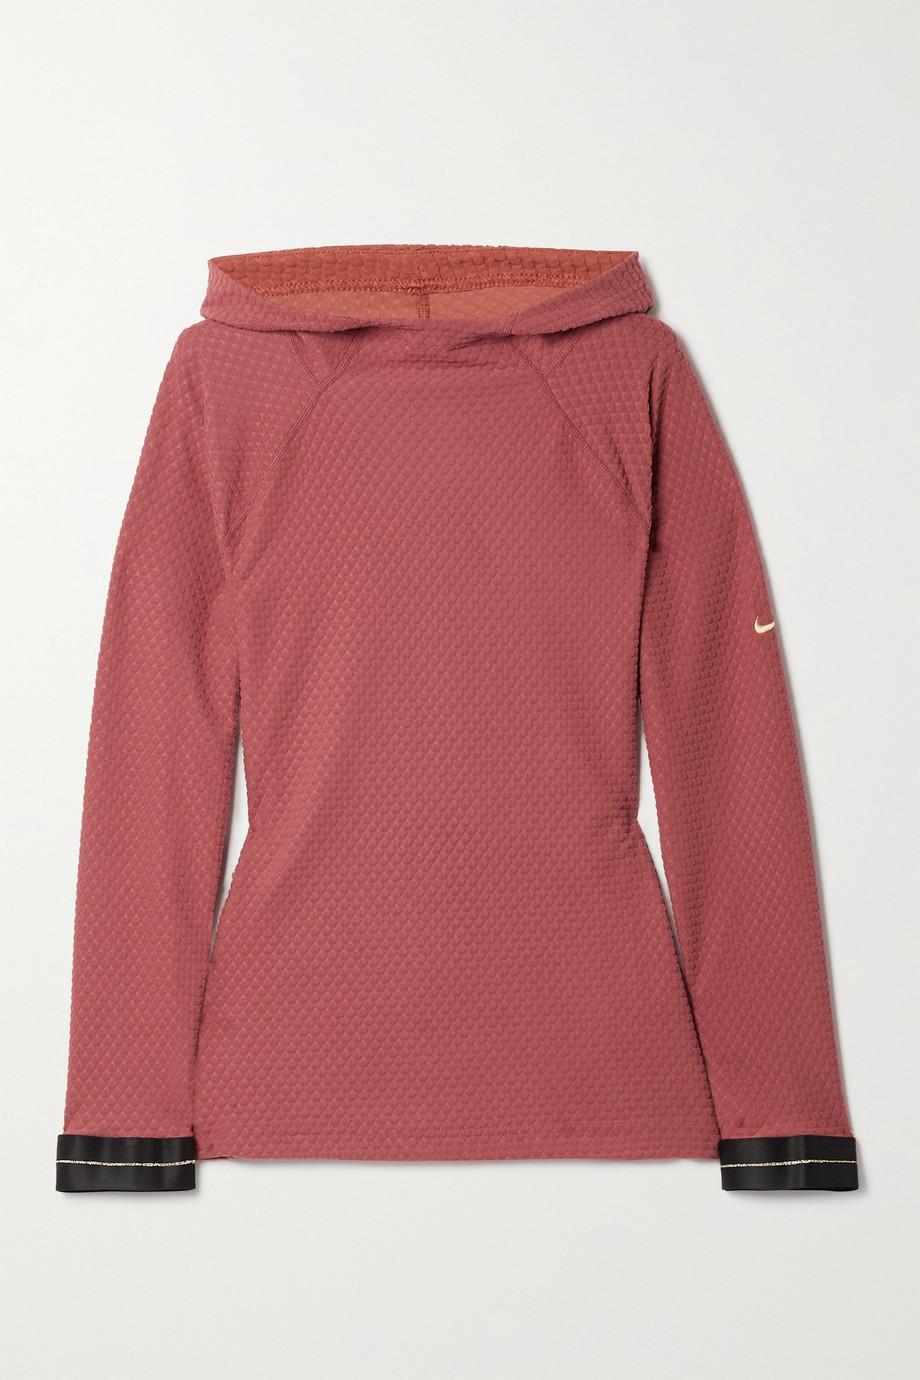 Nike Icon Clash Dri-FIT hoodie